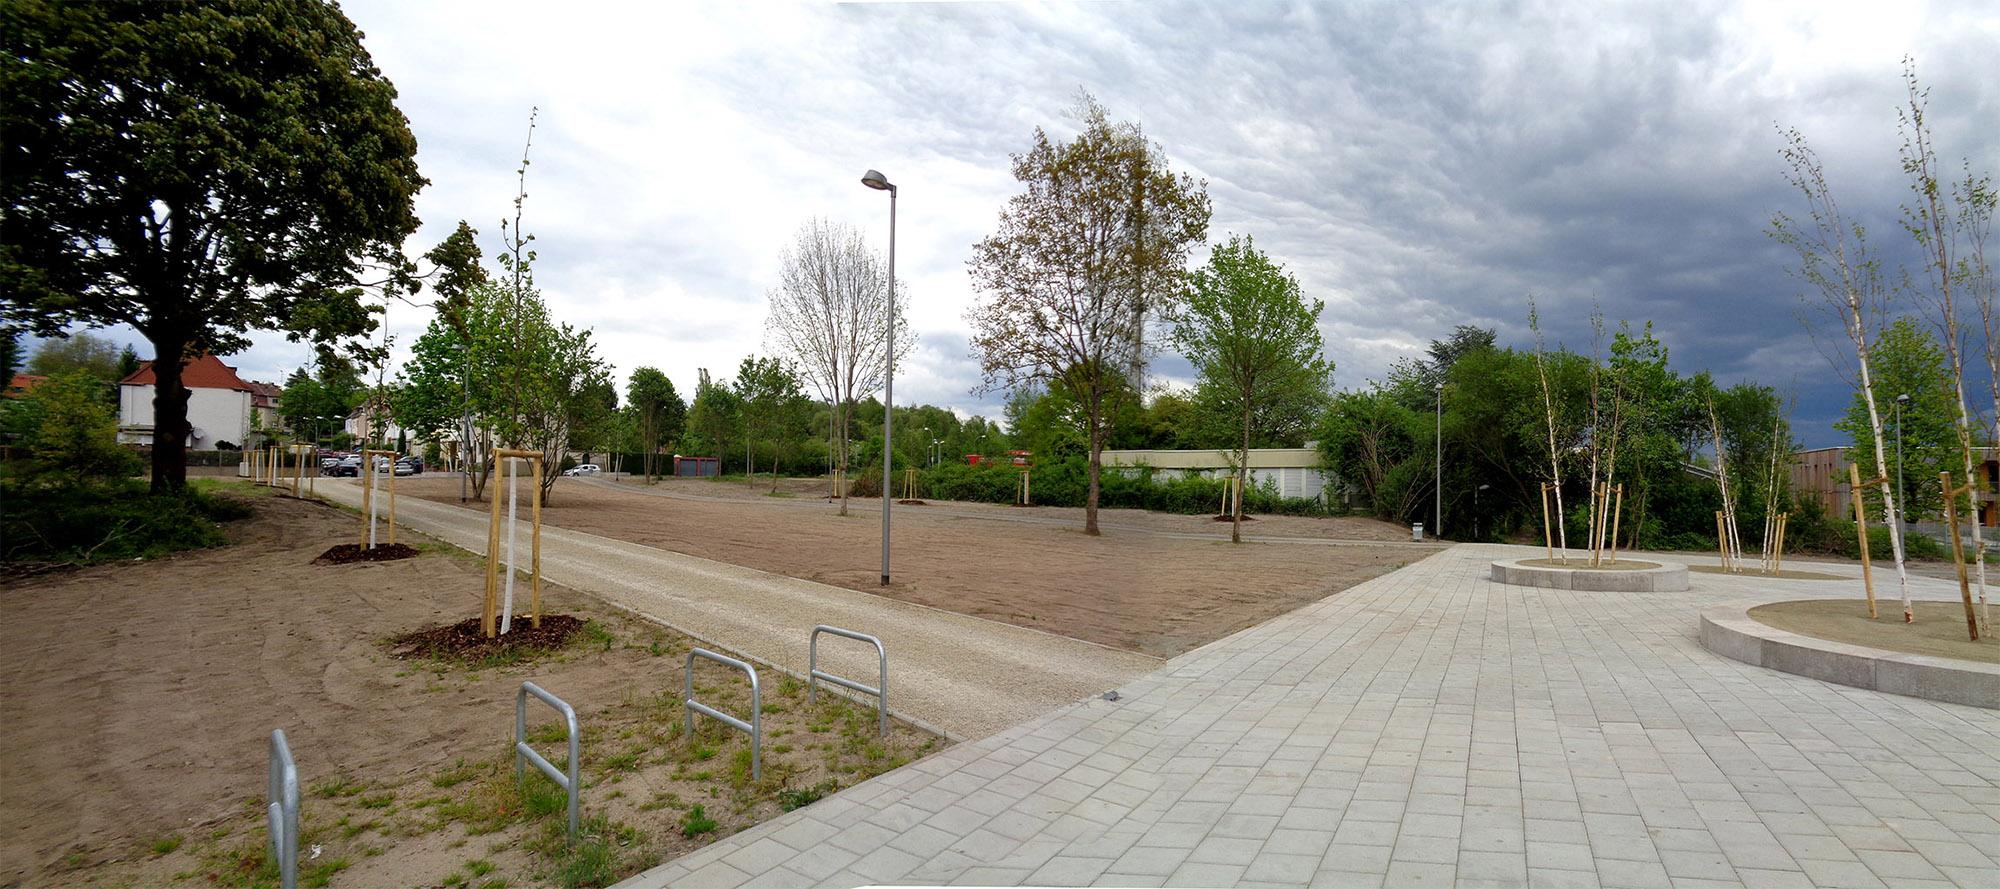 Bild 1 Füllengarten